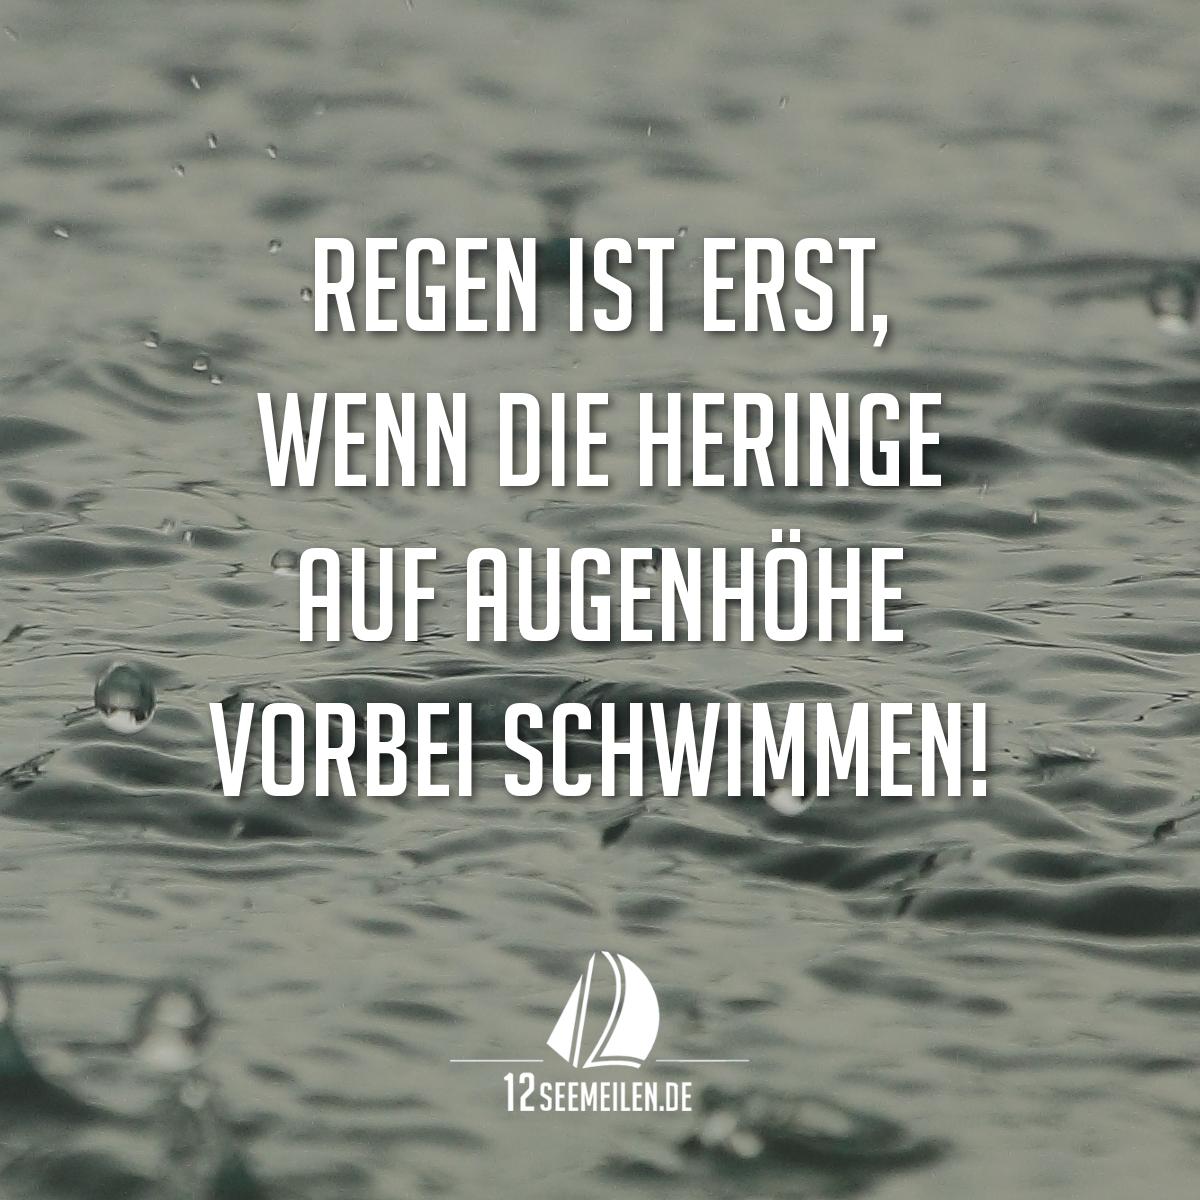 Regen ist erst wenn die heringe auf augenh he vorbei for Hamburg zitate